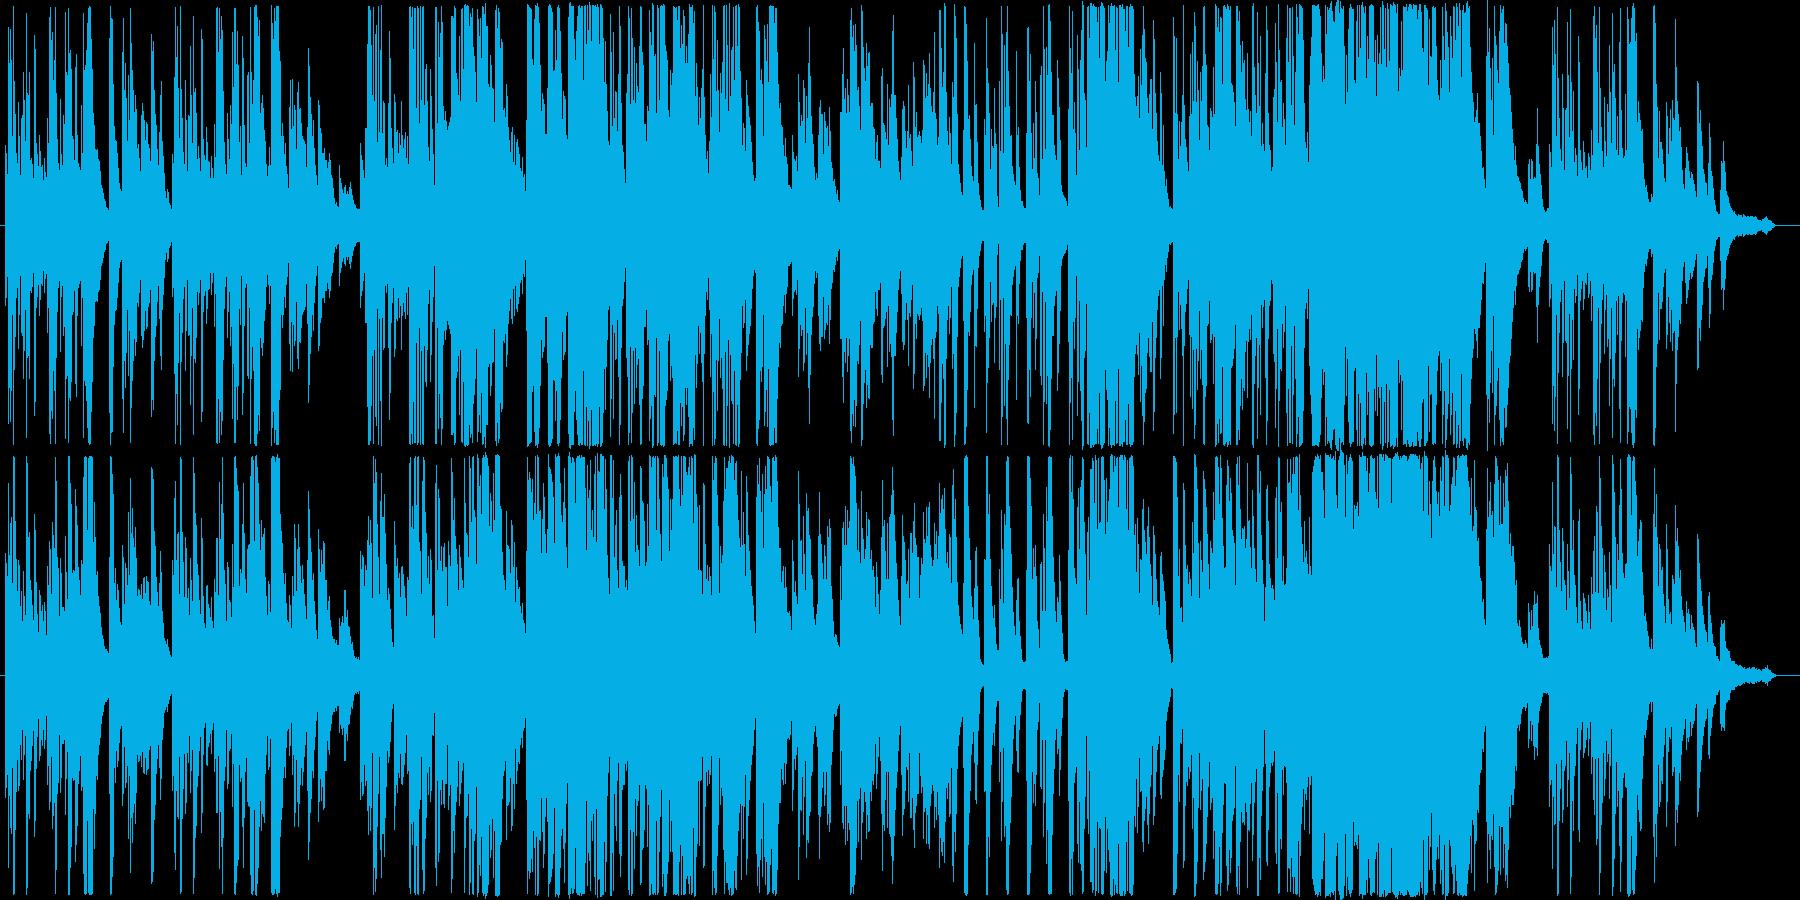 自然をテーマにした癒やし系のピアノ曲の再生済みの波形